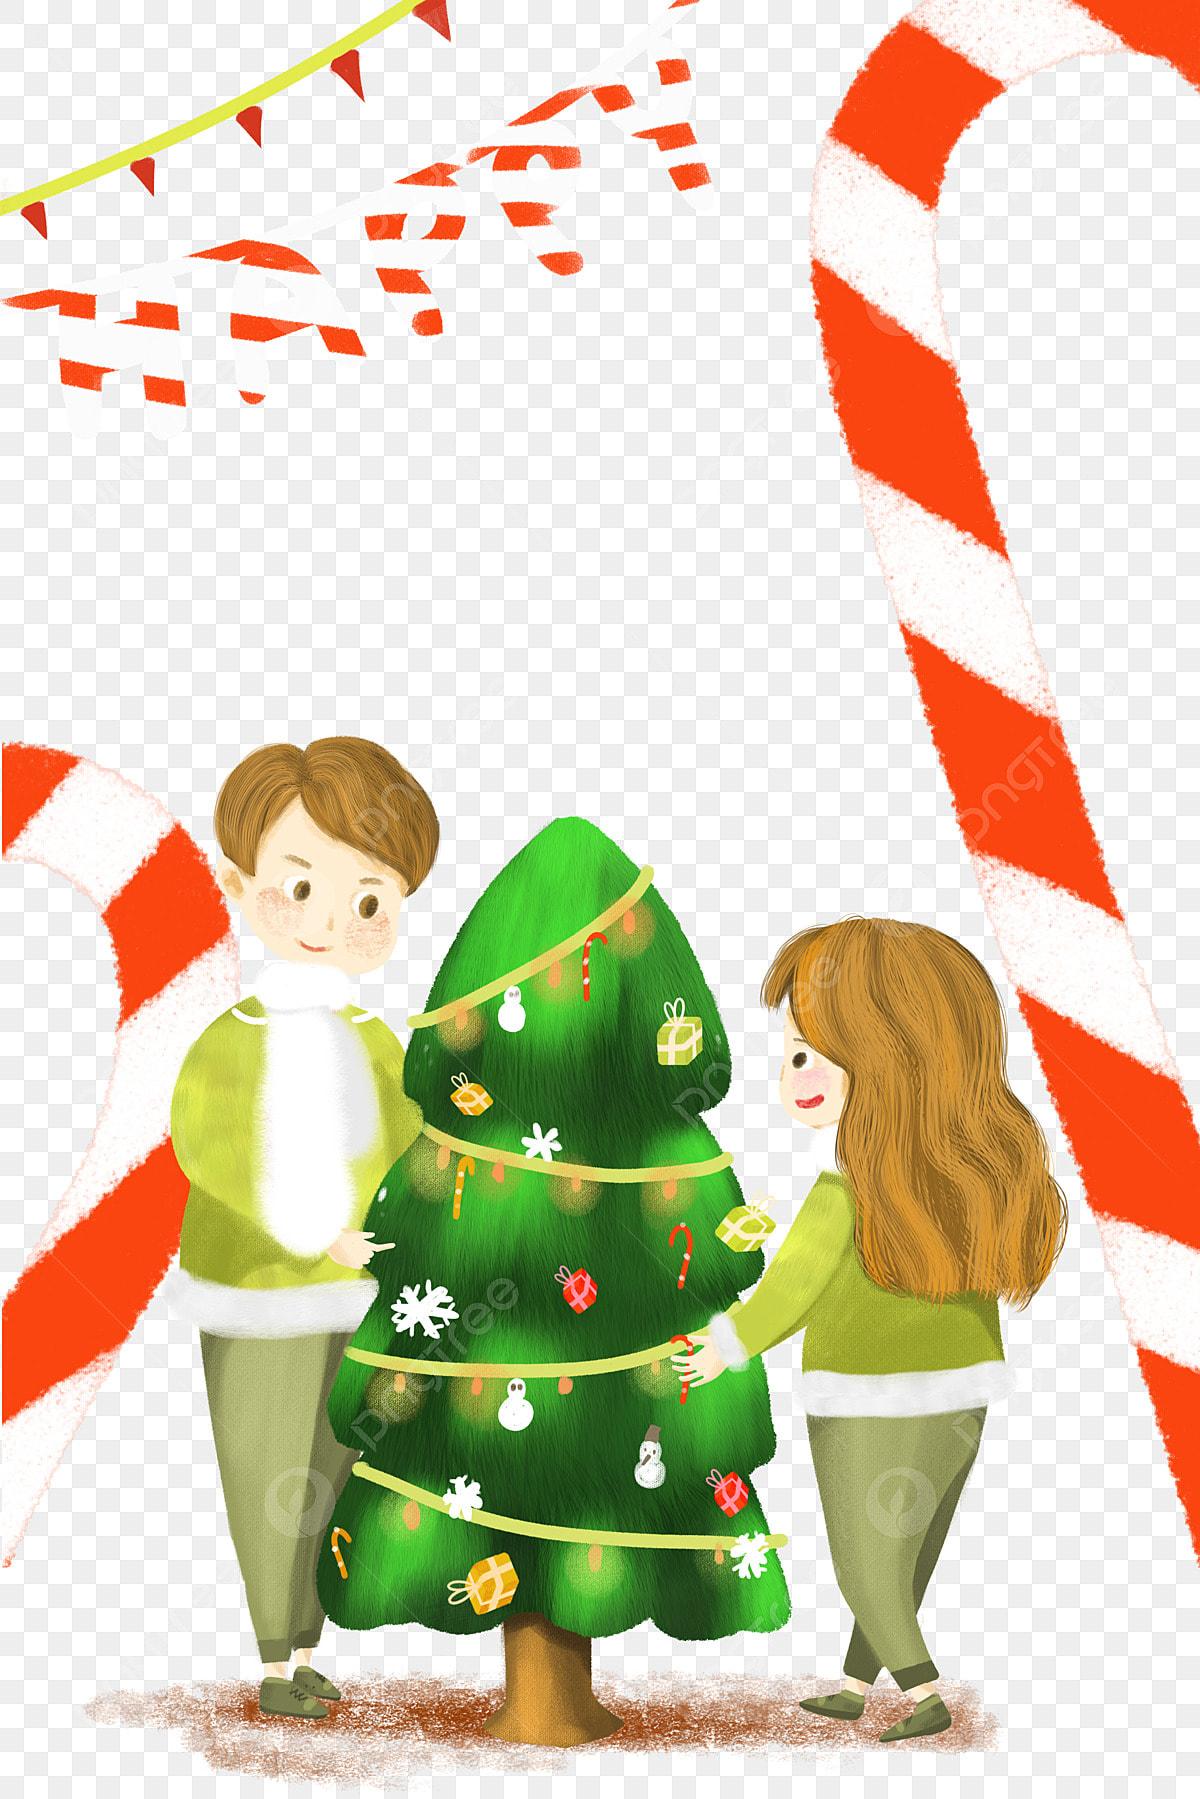 Navidad Dibujado A Mano Pareja Decorar El árbol De Navidad